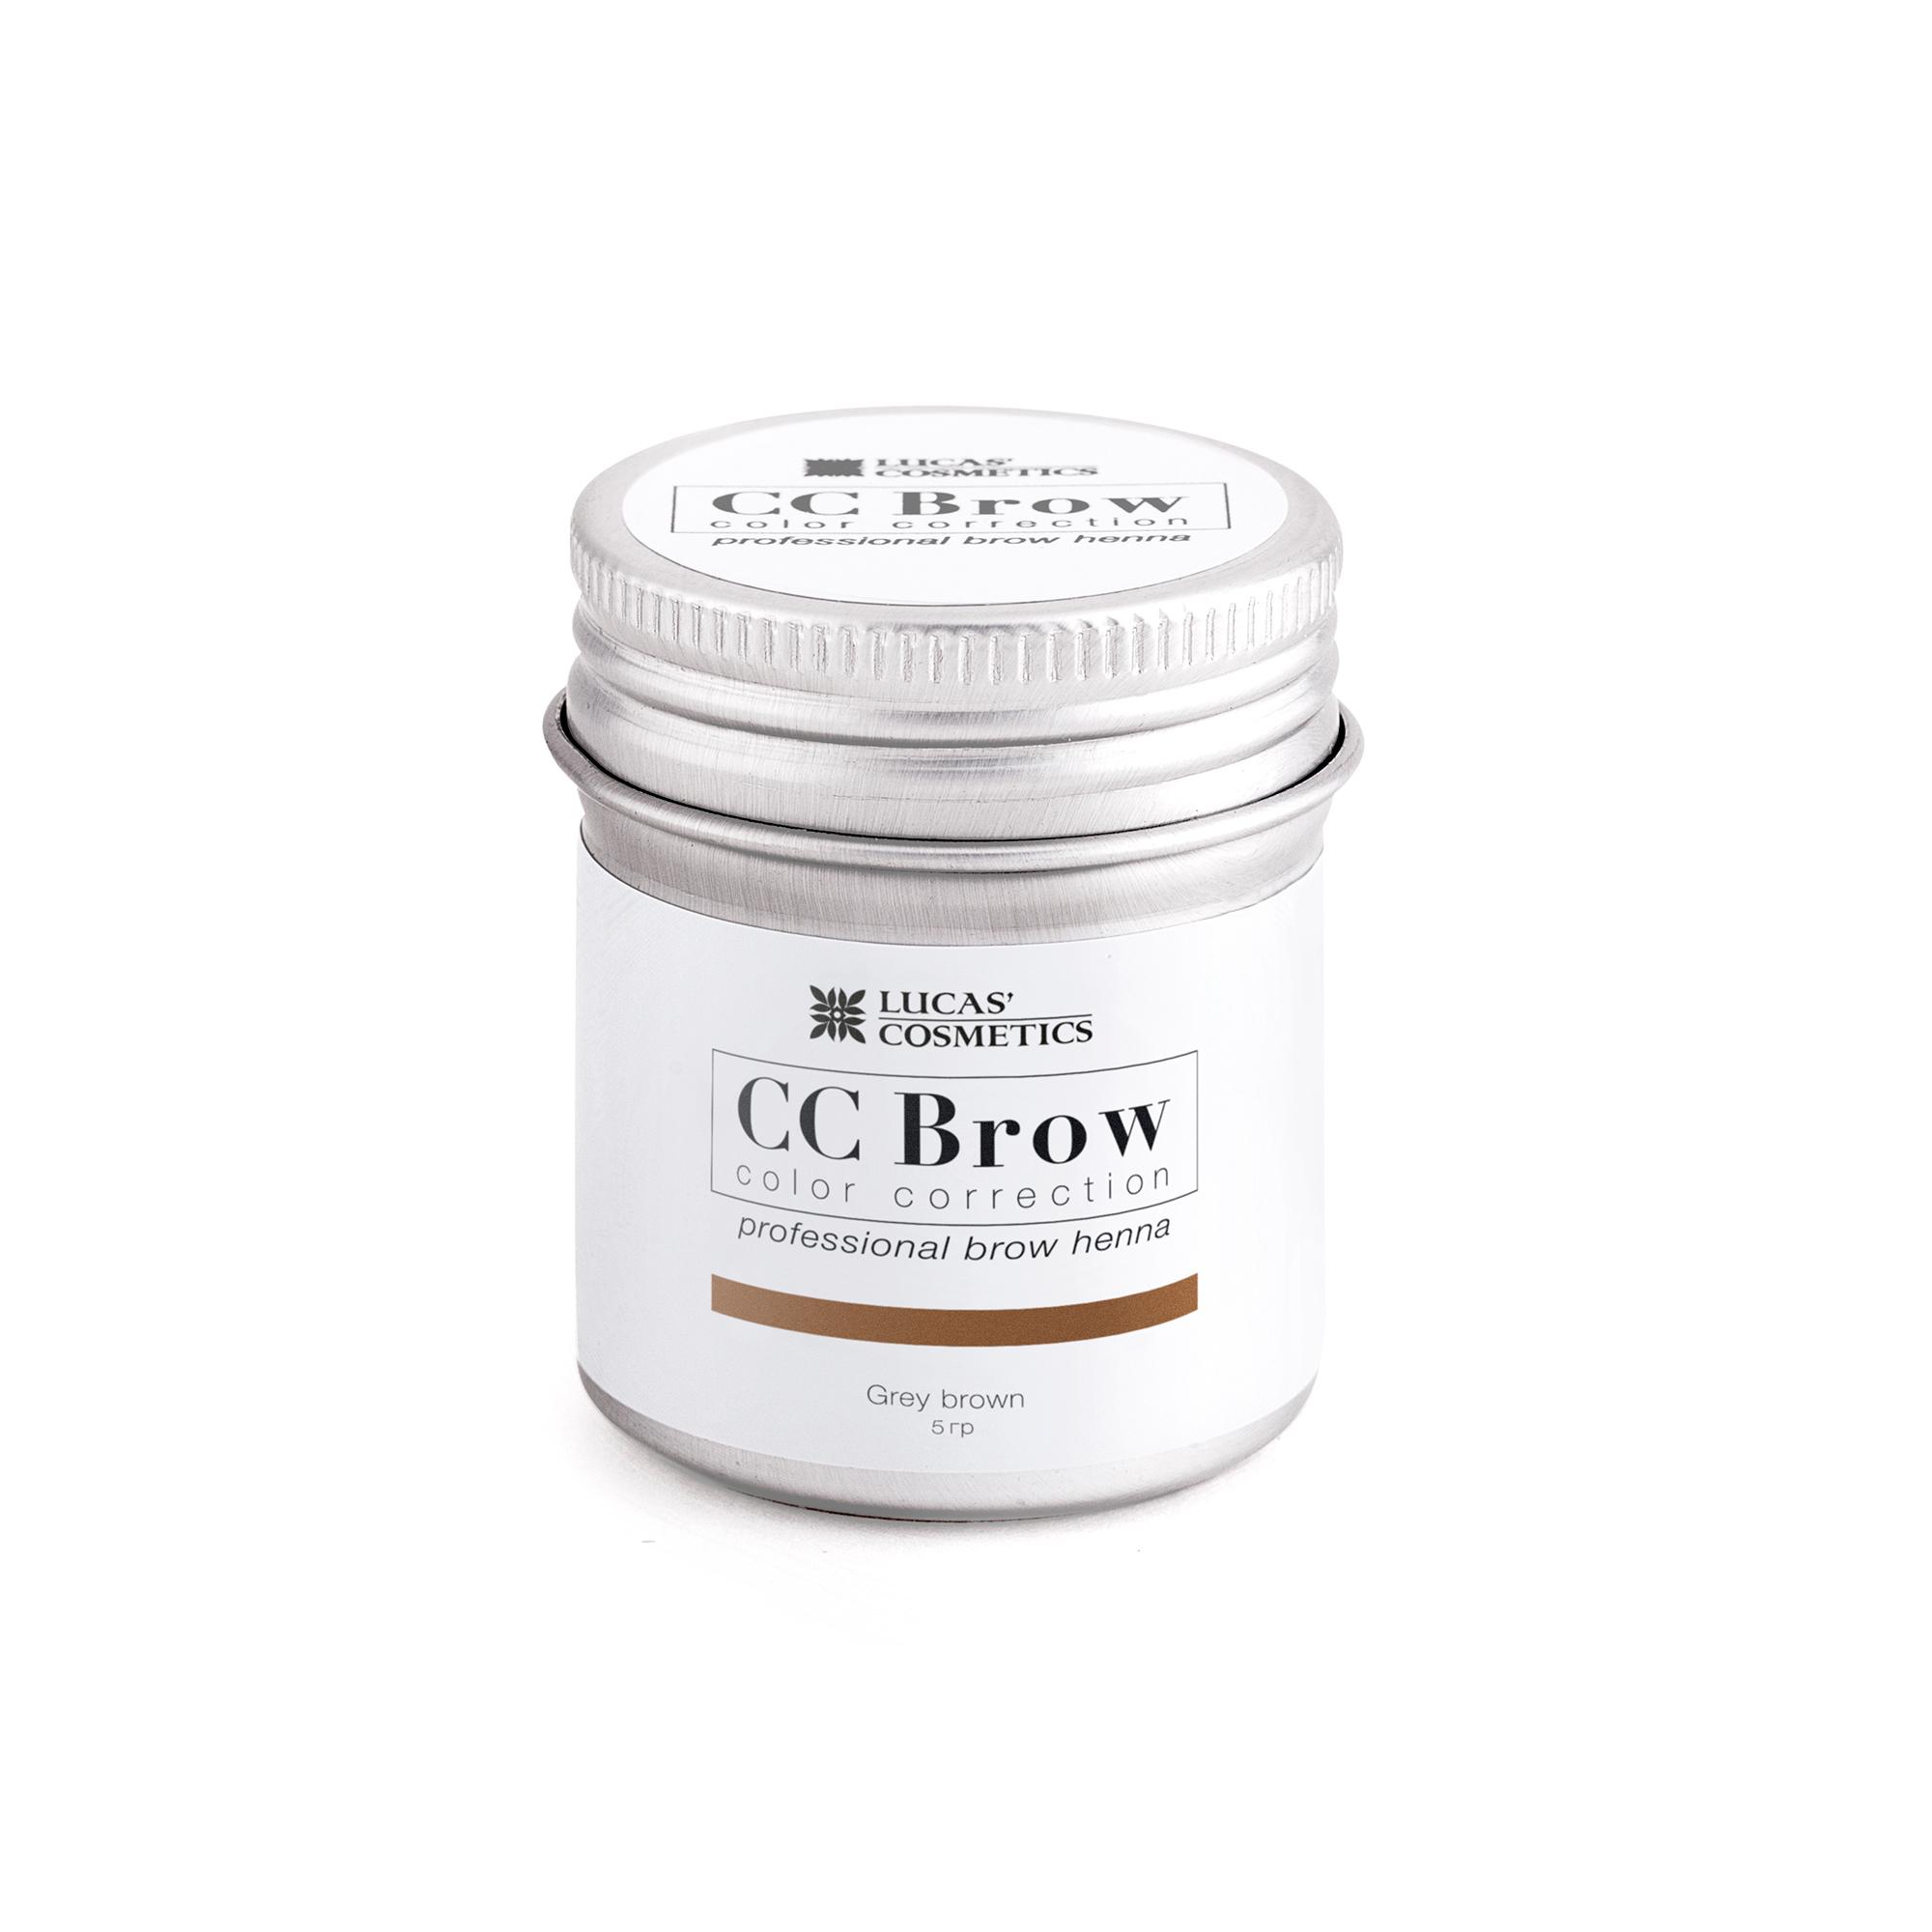 LUCAS' COSMETICS Хна для бровей в баночке (серо-коричневый) / CC Brow (grey brown), 5 гр